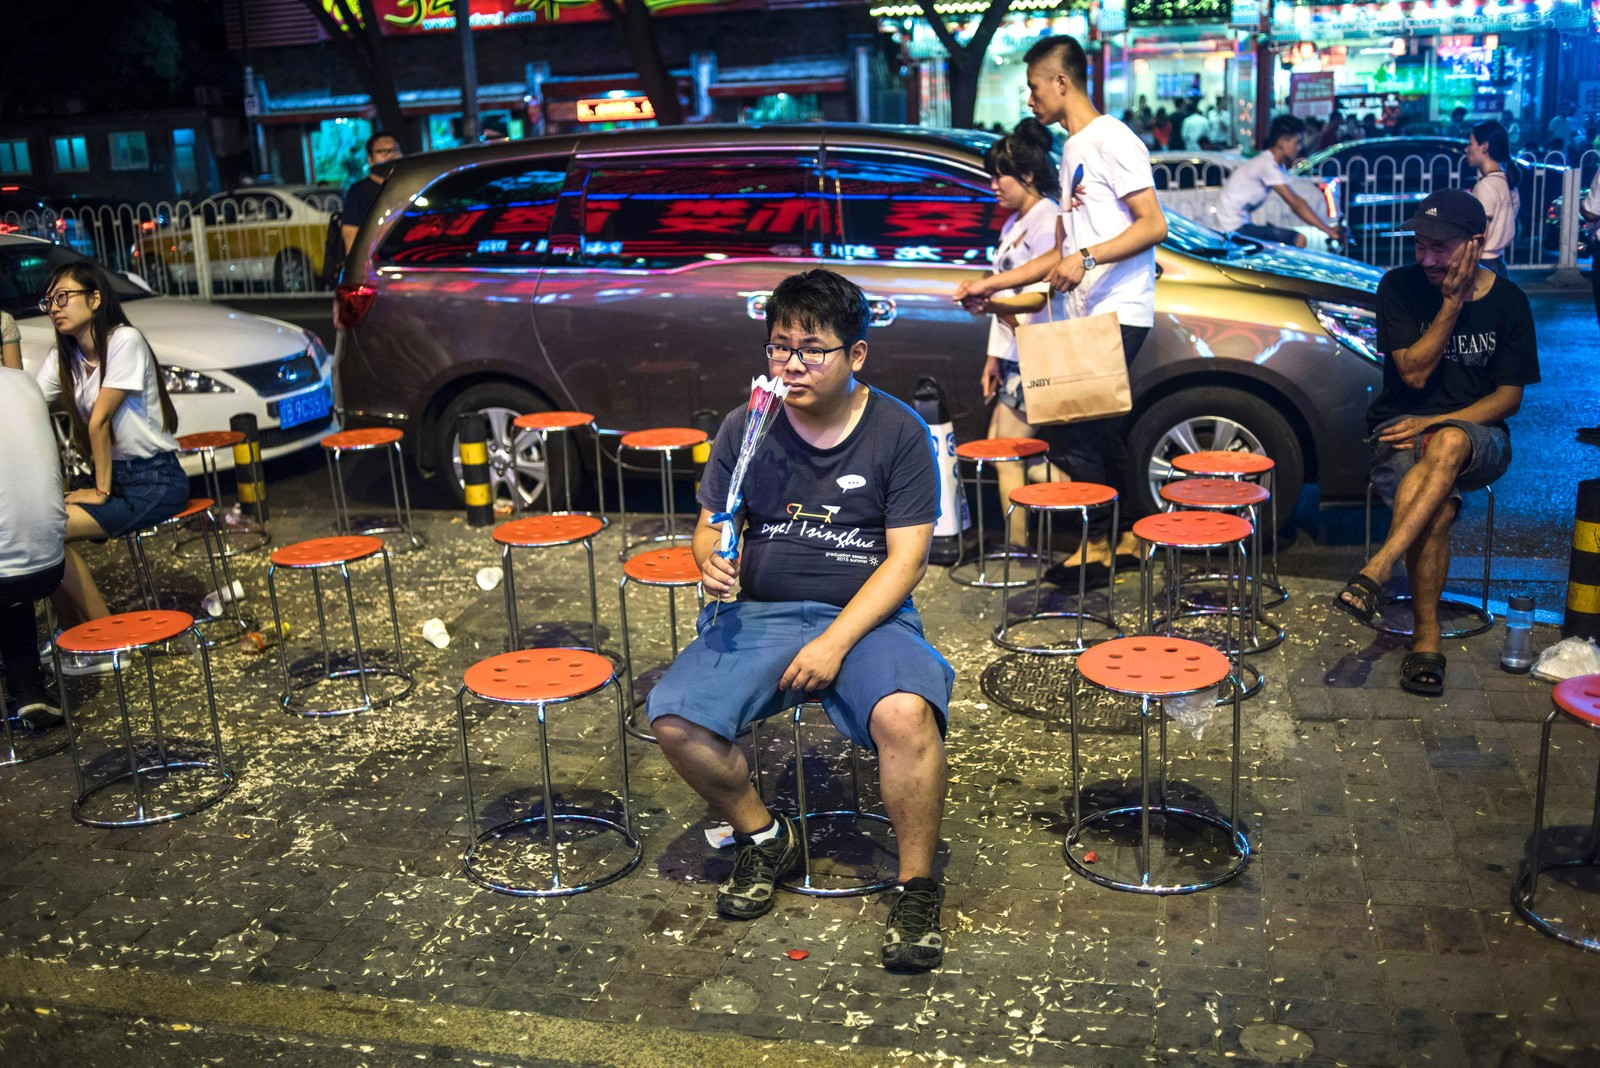 En mann sitter og venter på et ledig bord ved en restaurant mens han lukter på en rose. Den 9. august var det Qiqiao-festival i Bejing. Det er en kinesisk variant av valentinsdagen som feires den syvende dagen i den syvende måneden. Dagen har blitt feiret i over 2600 år. Det er populært å gifte seg på denne dagen.